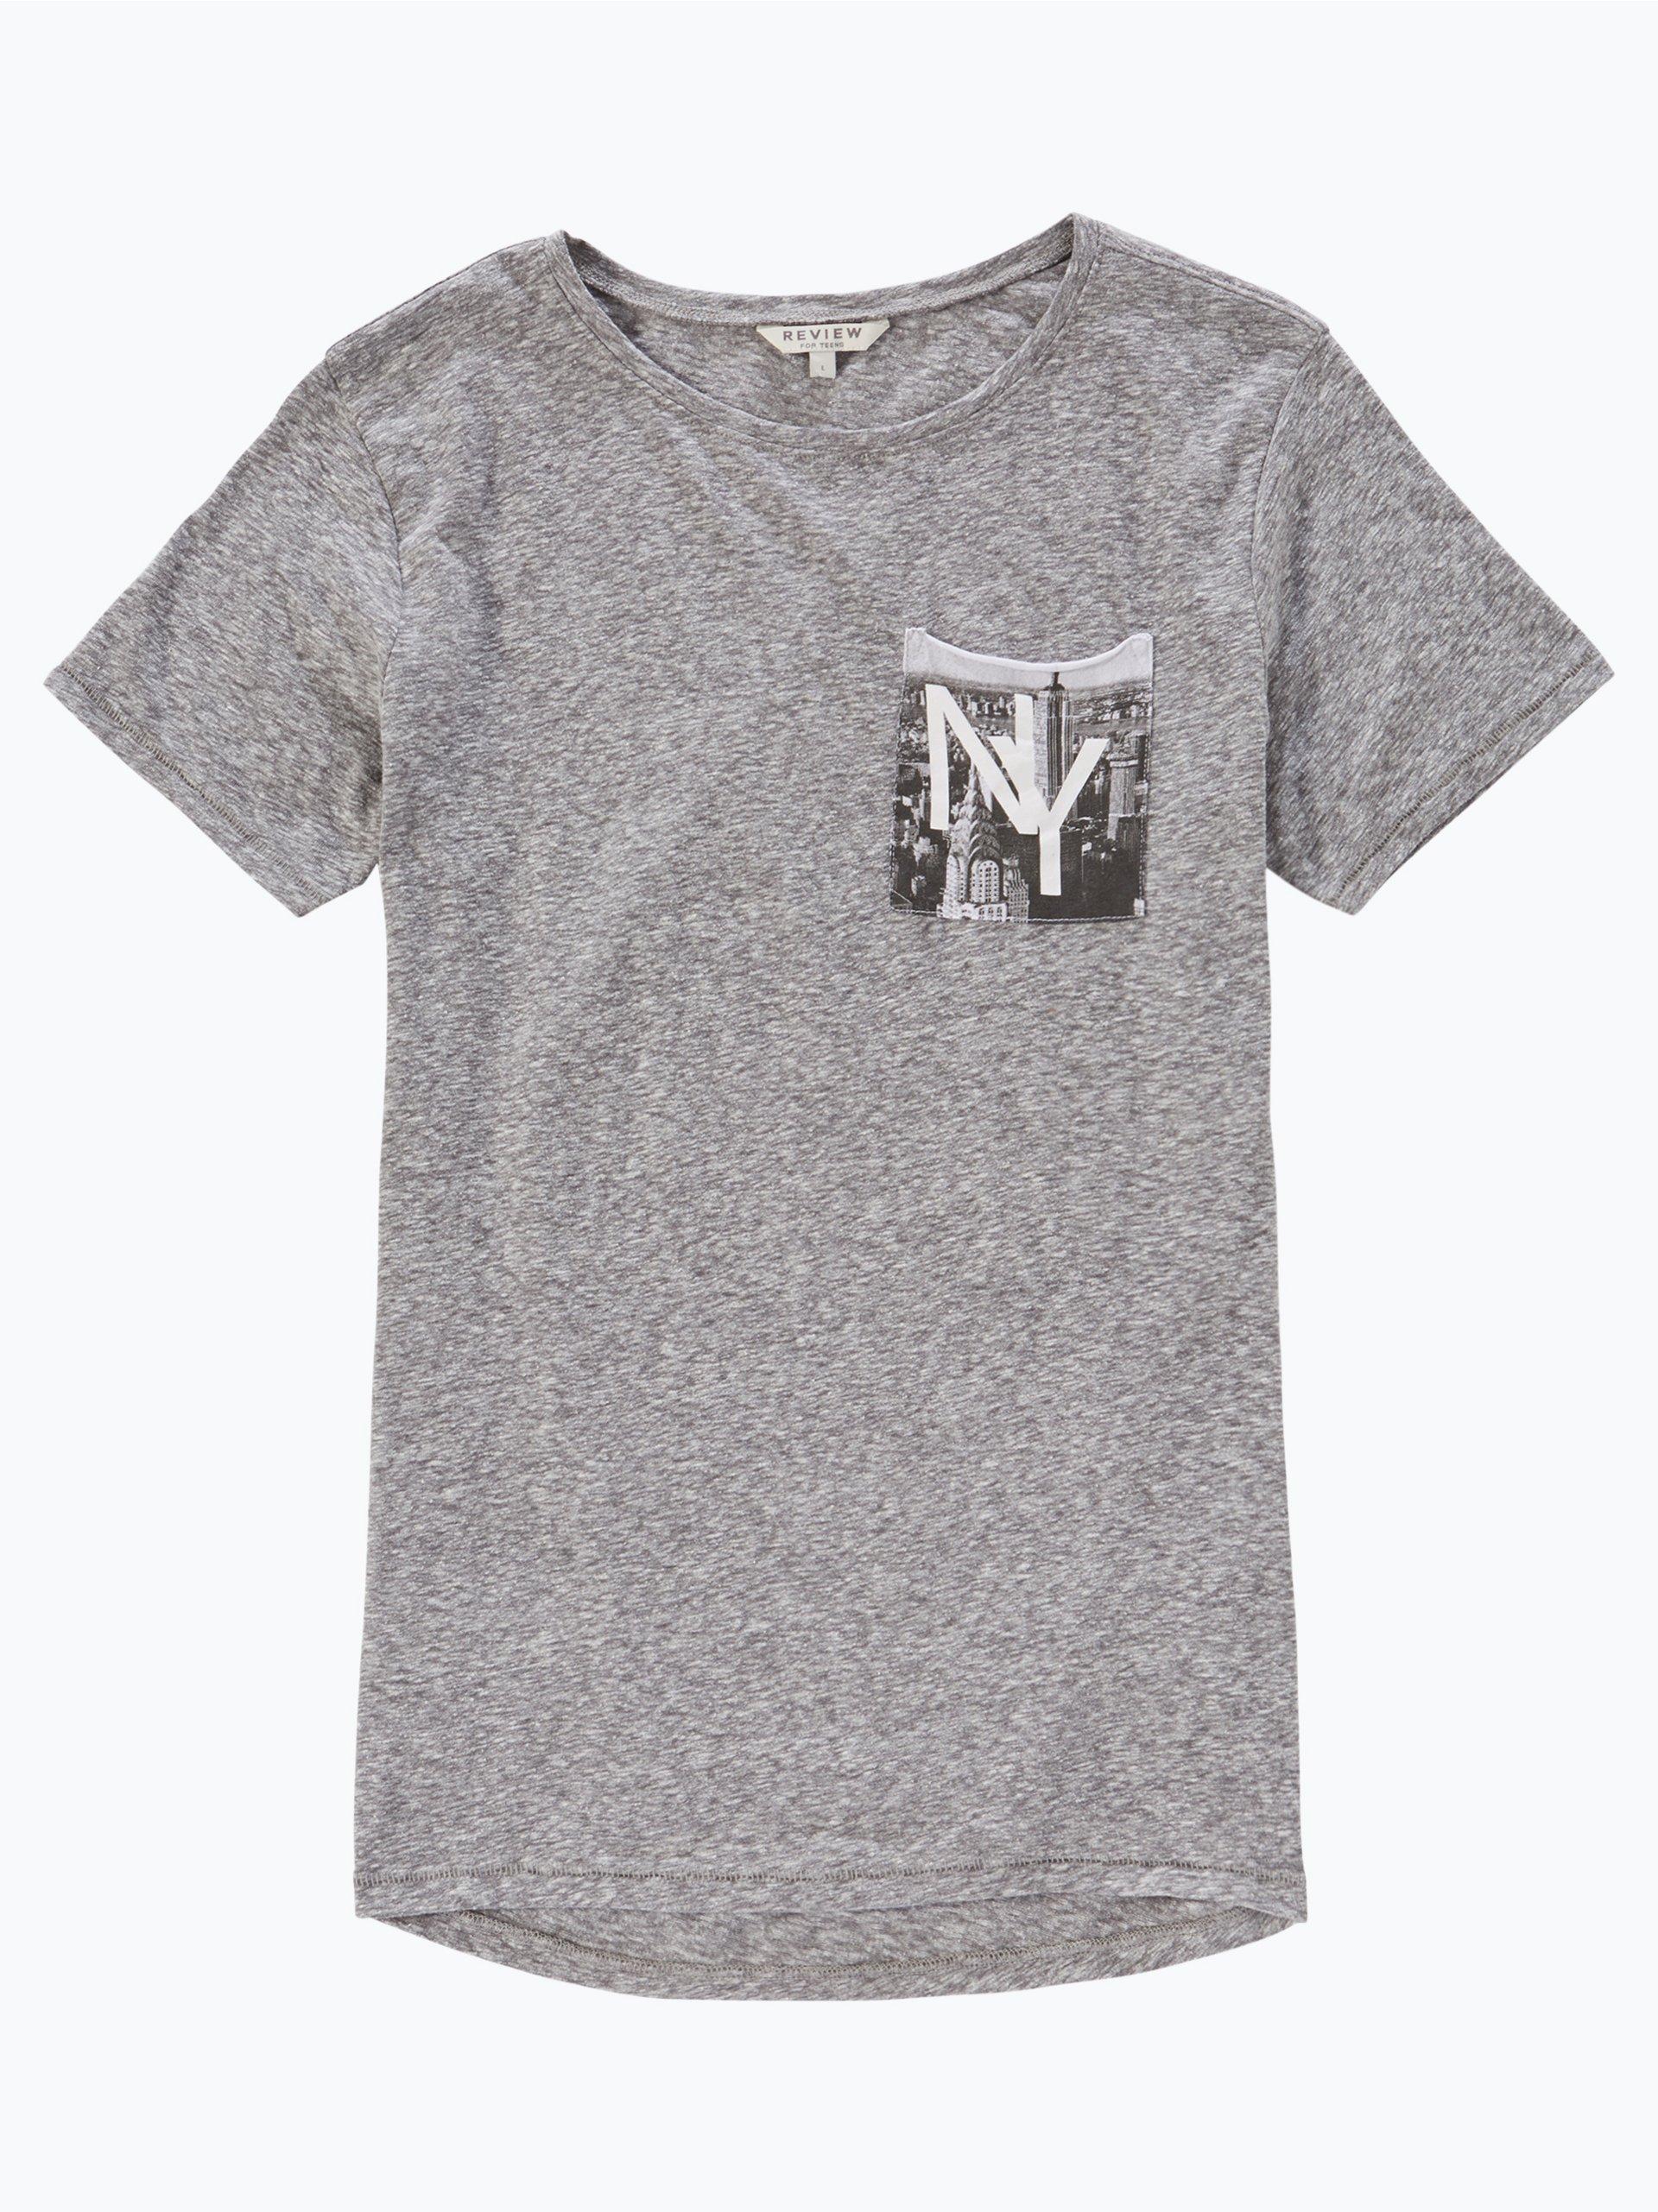 review jungen t shirt grau uni online kaufen vangraaf com. Black Bedroom Furniture Sets. Home Design Ideas